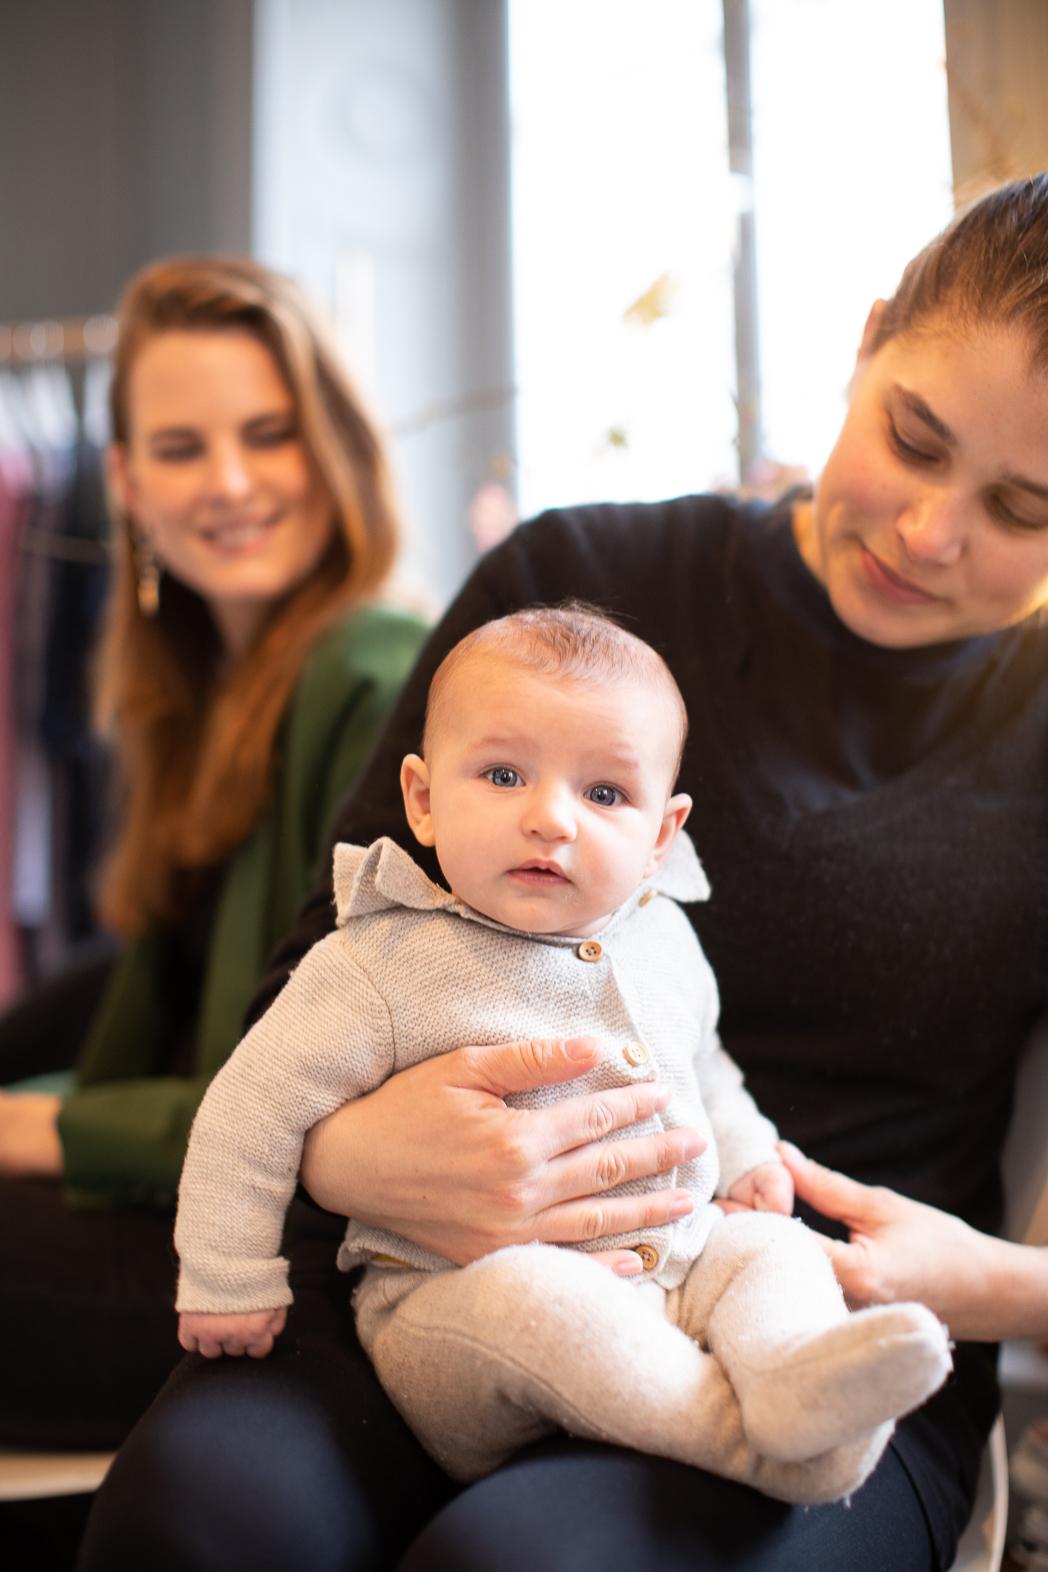 Jag med Julia Stridh's URGULLIGA bebis